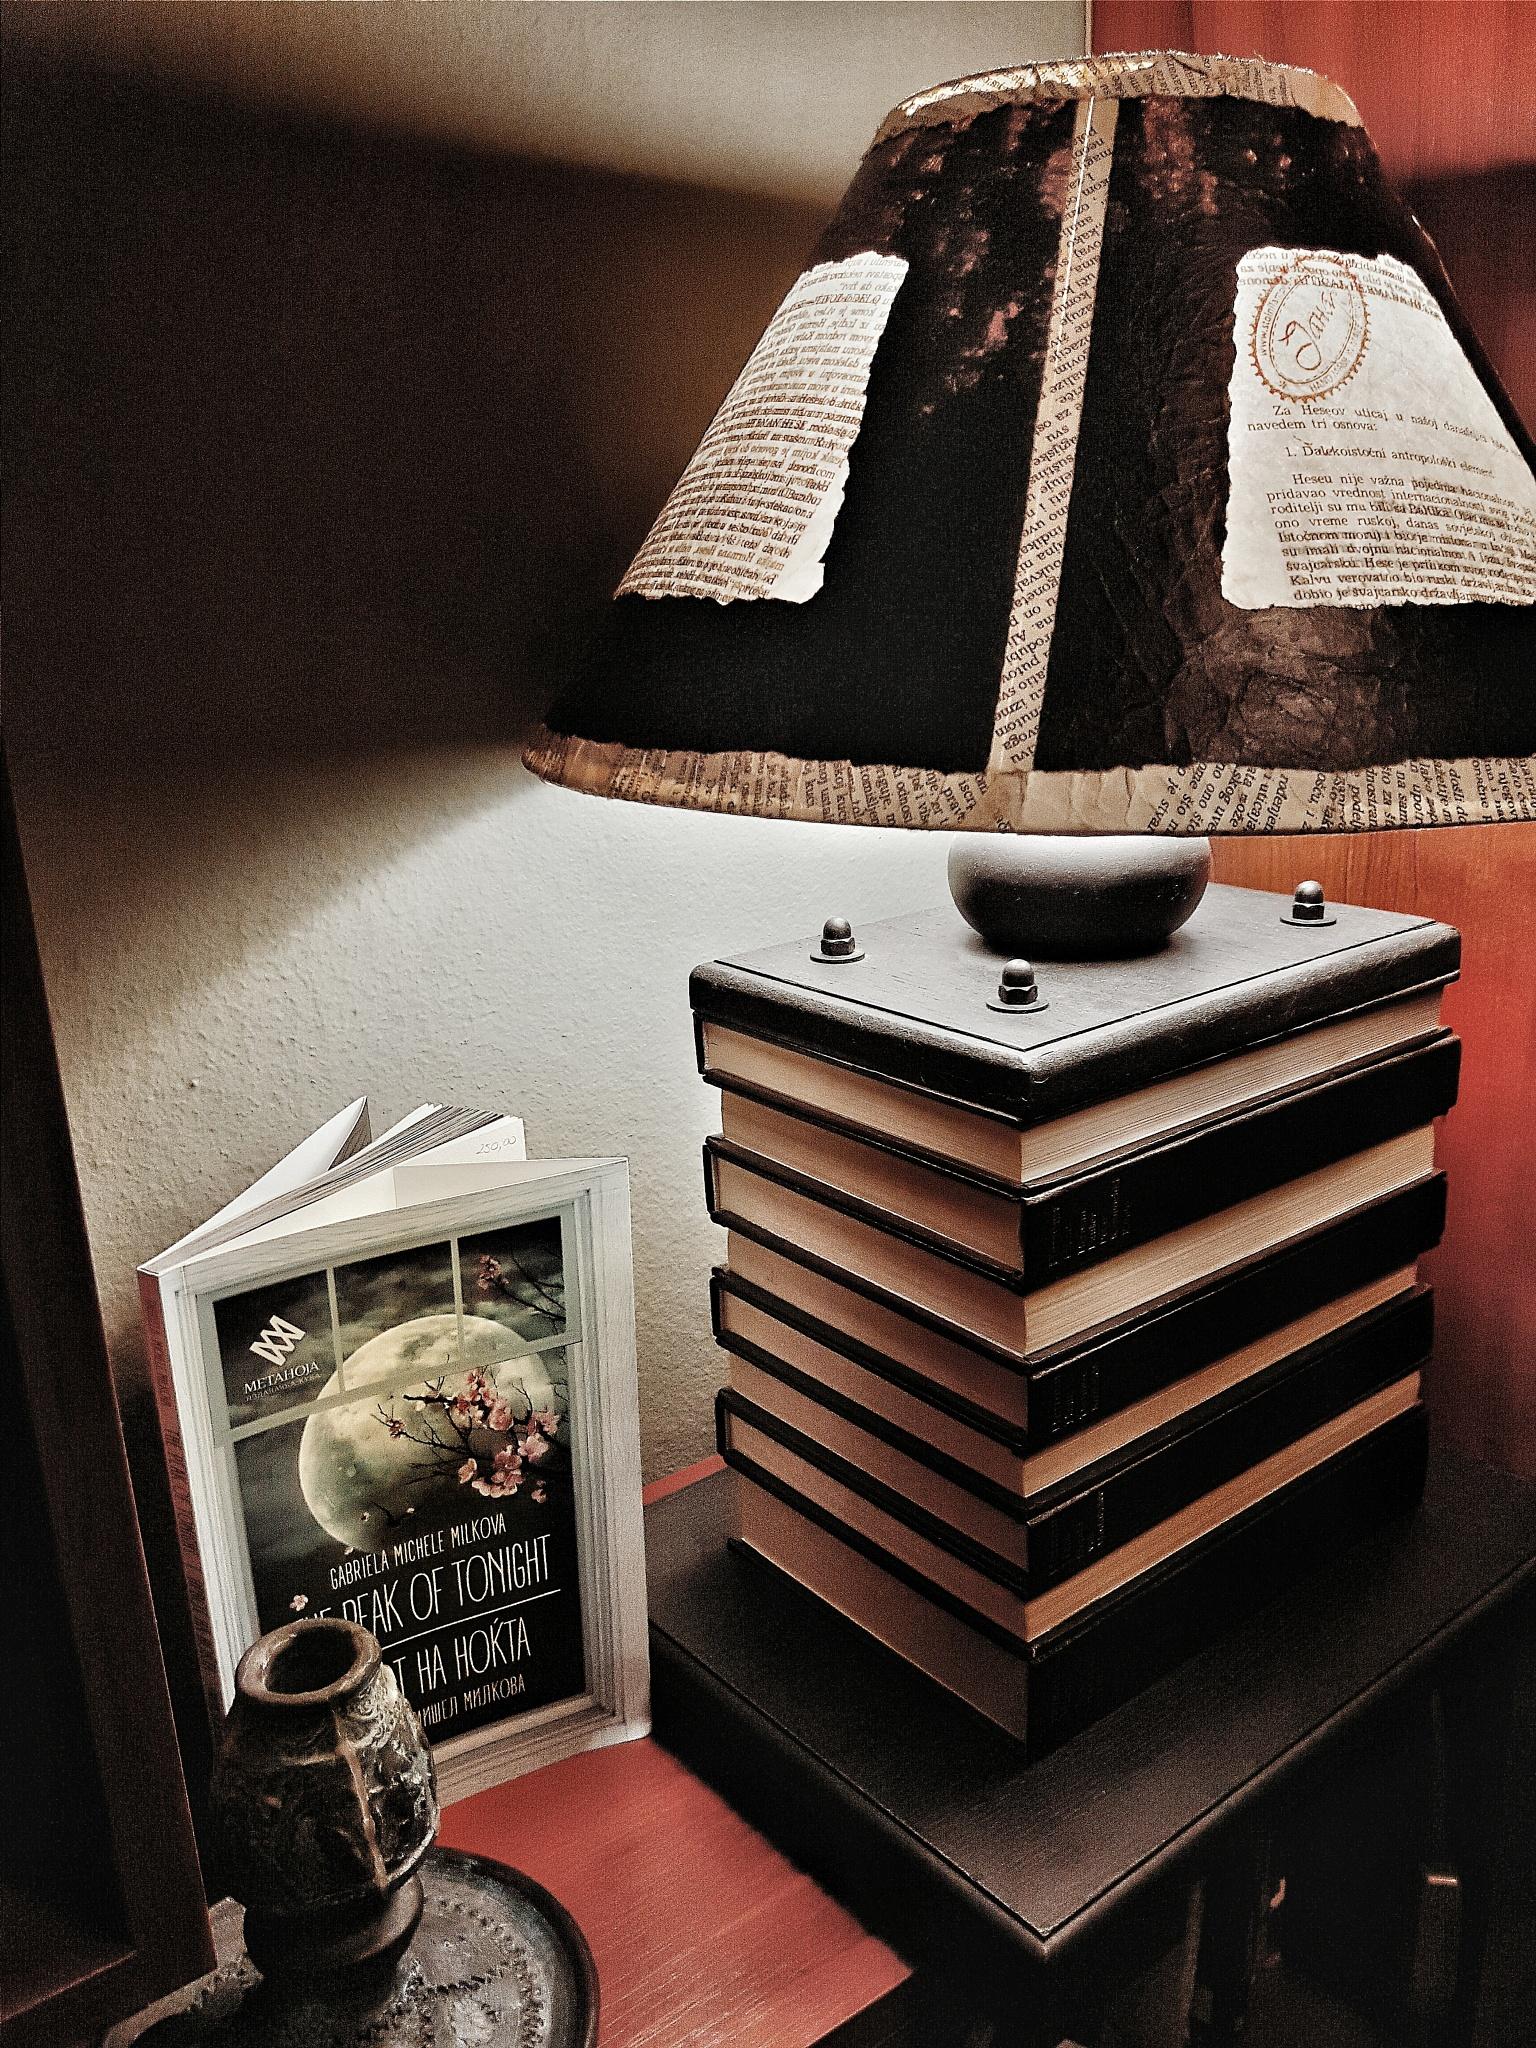 Book-Lamp by @darijaginger